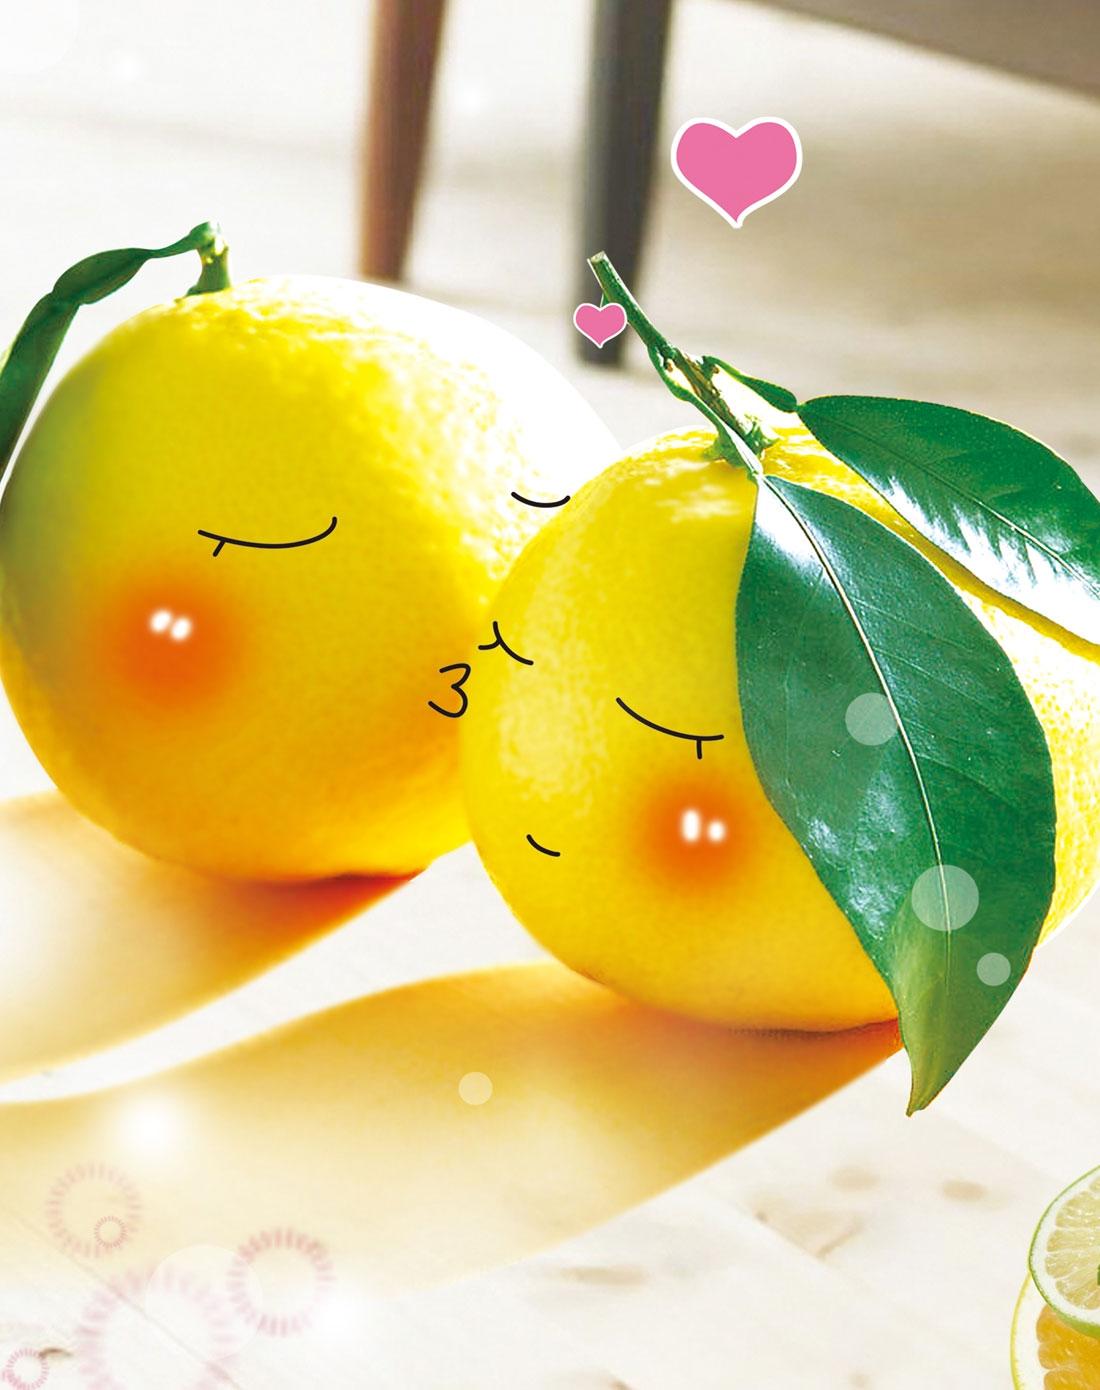 柠檬树lemon tree装饰画专场现代简约三联组合装饰画